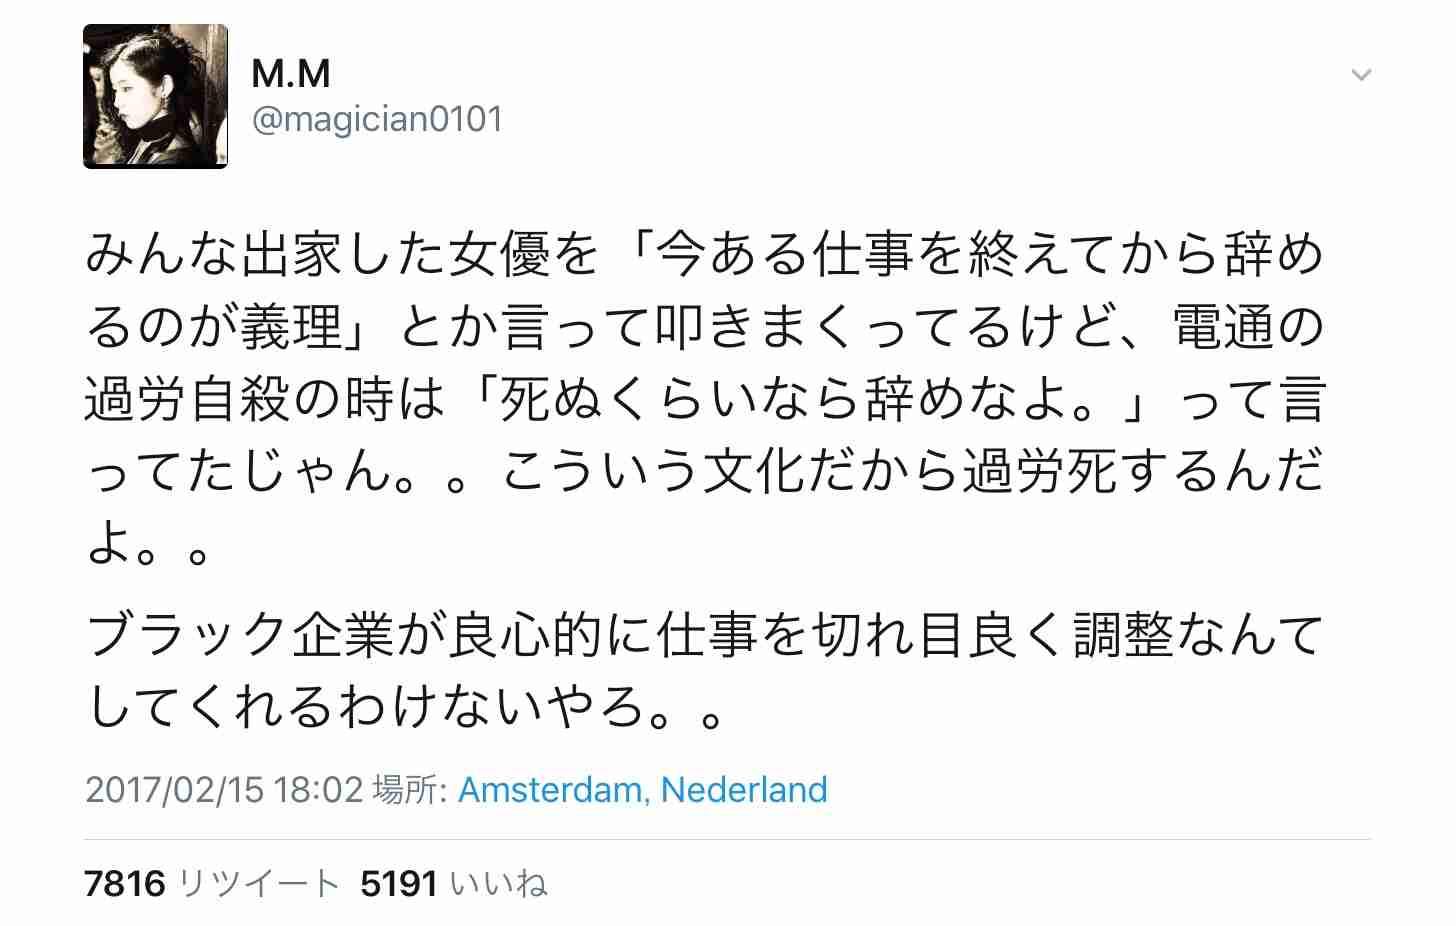 清水富美加 「千眼美子」としての出家本、17日に緊急出版